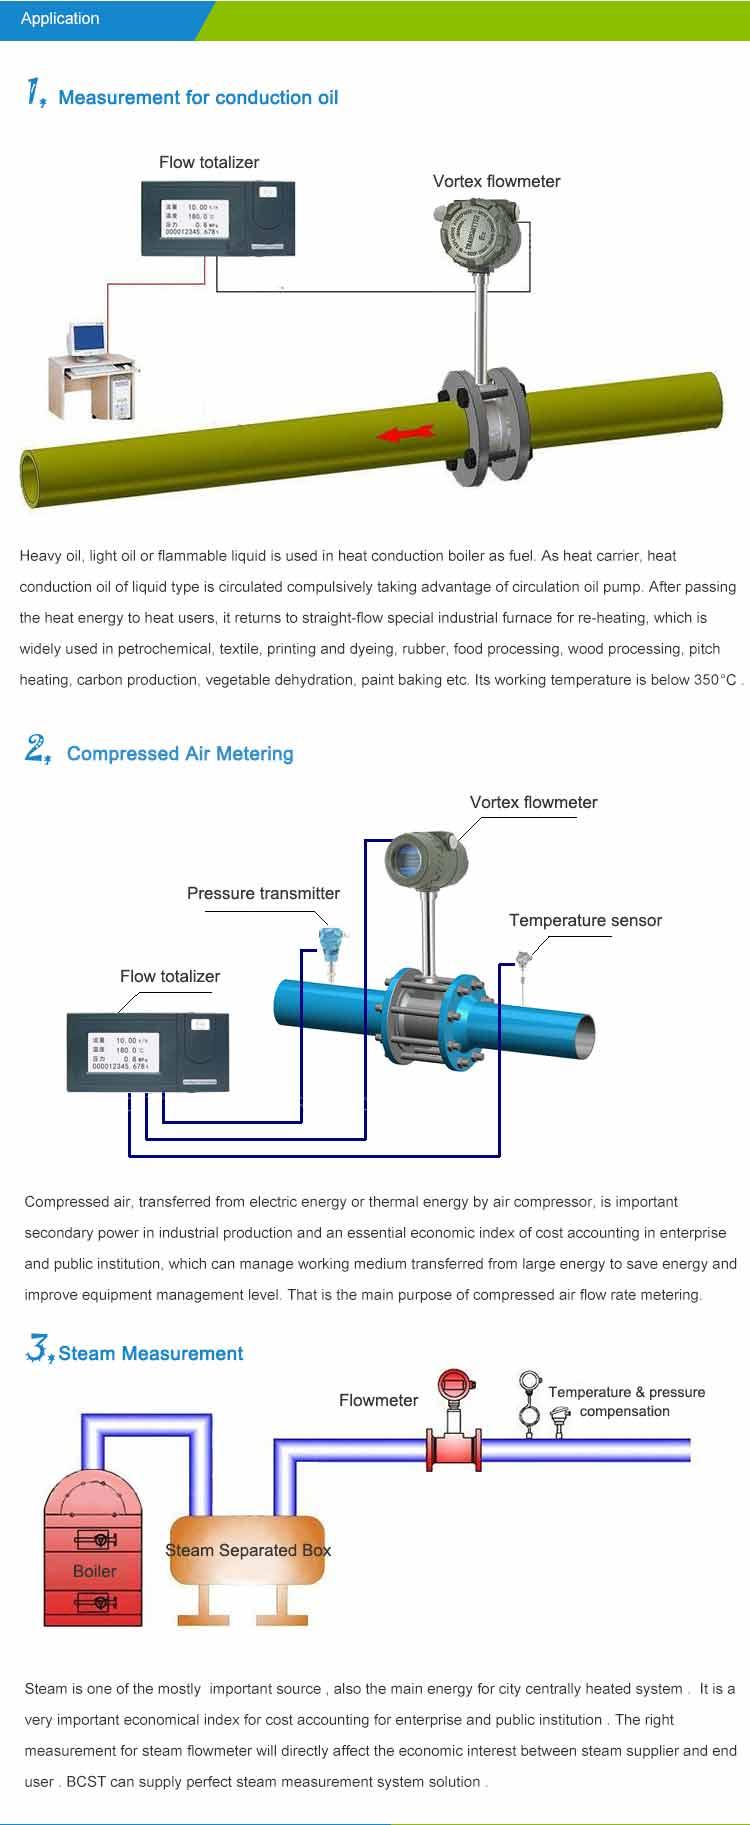 Application-vortex-flowmeter